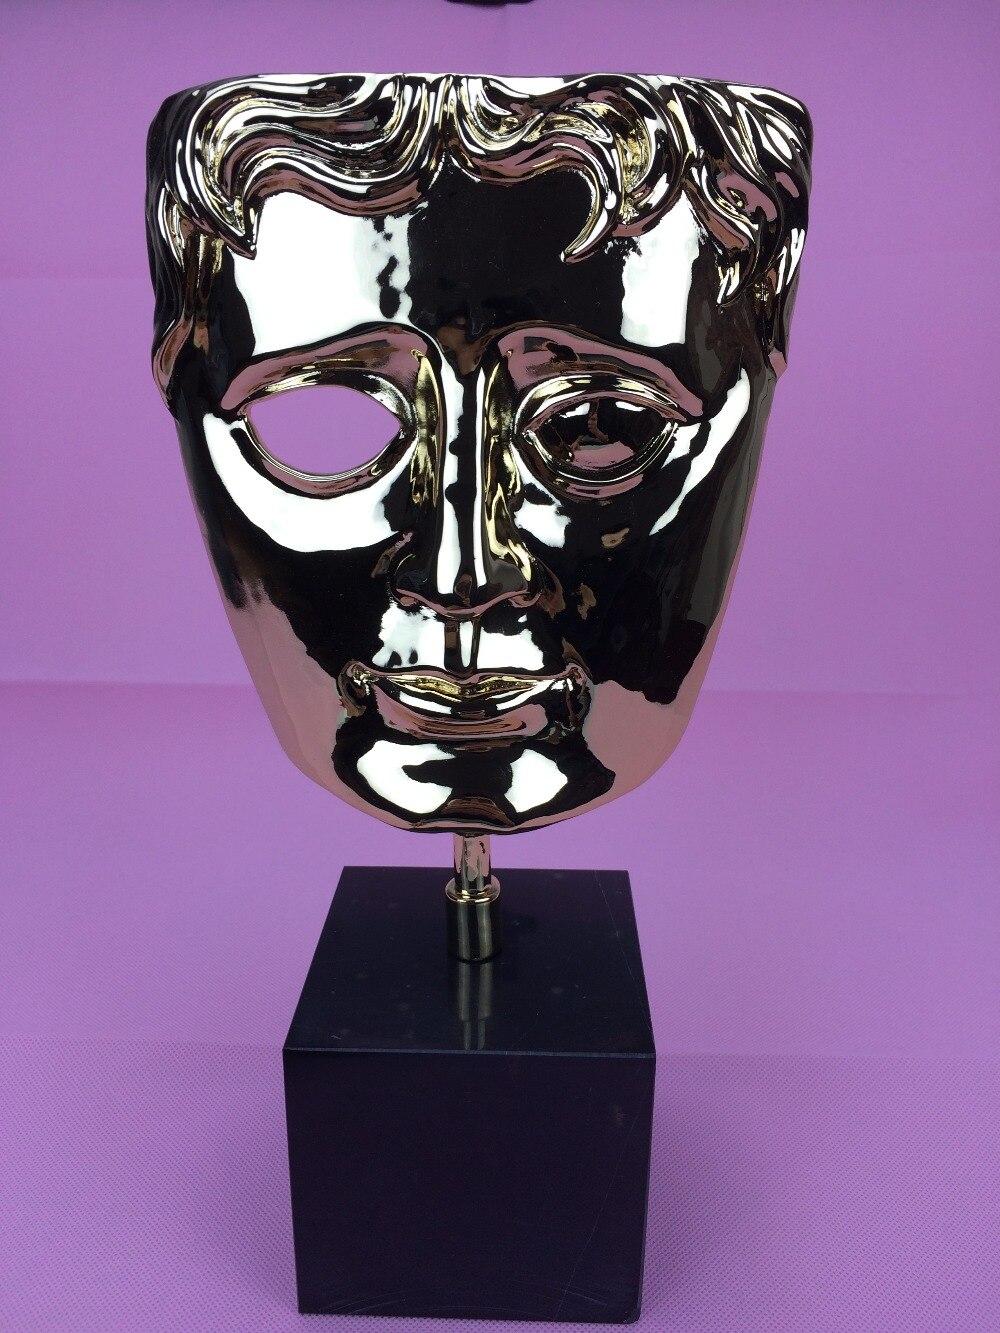 BAFTA марапаттары, BAFTA марапаттарының - Үйдің декоры - фото 2